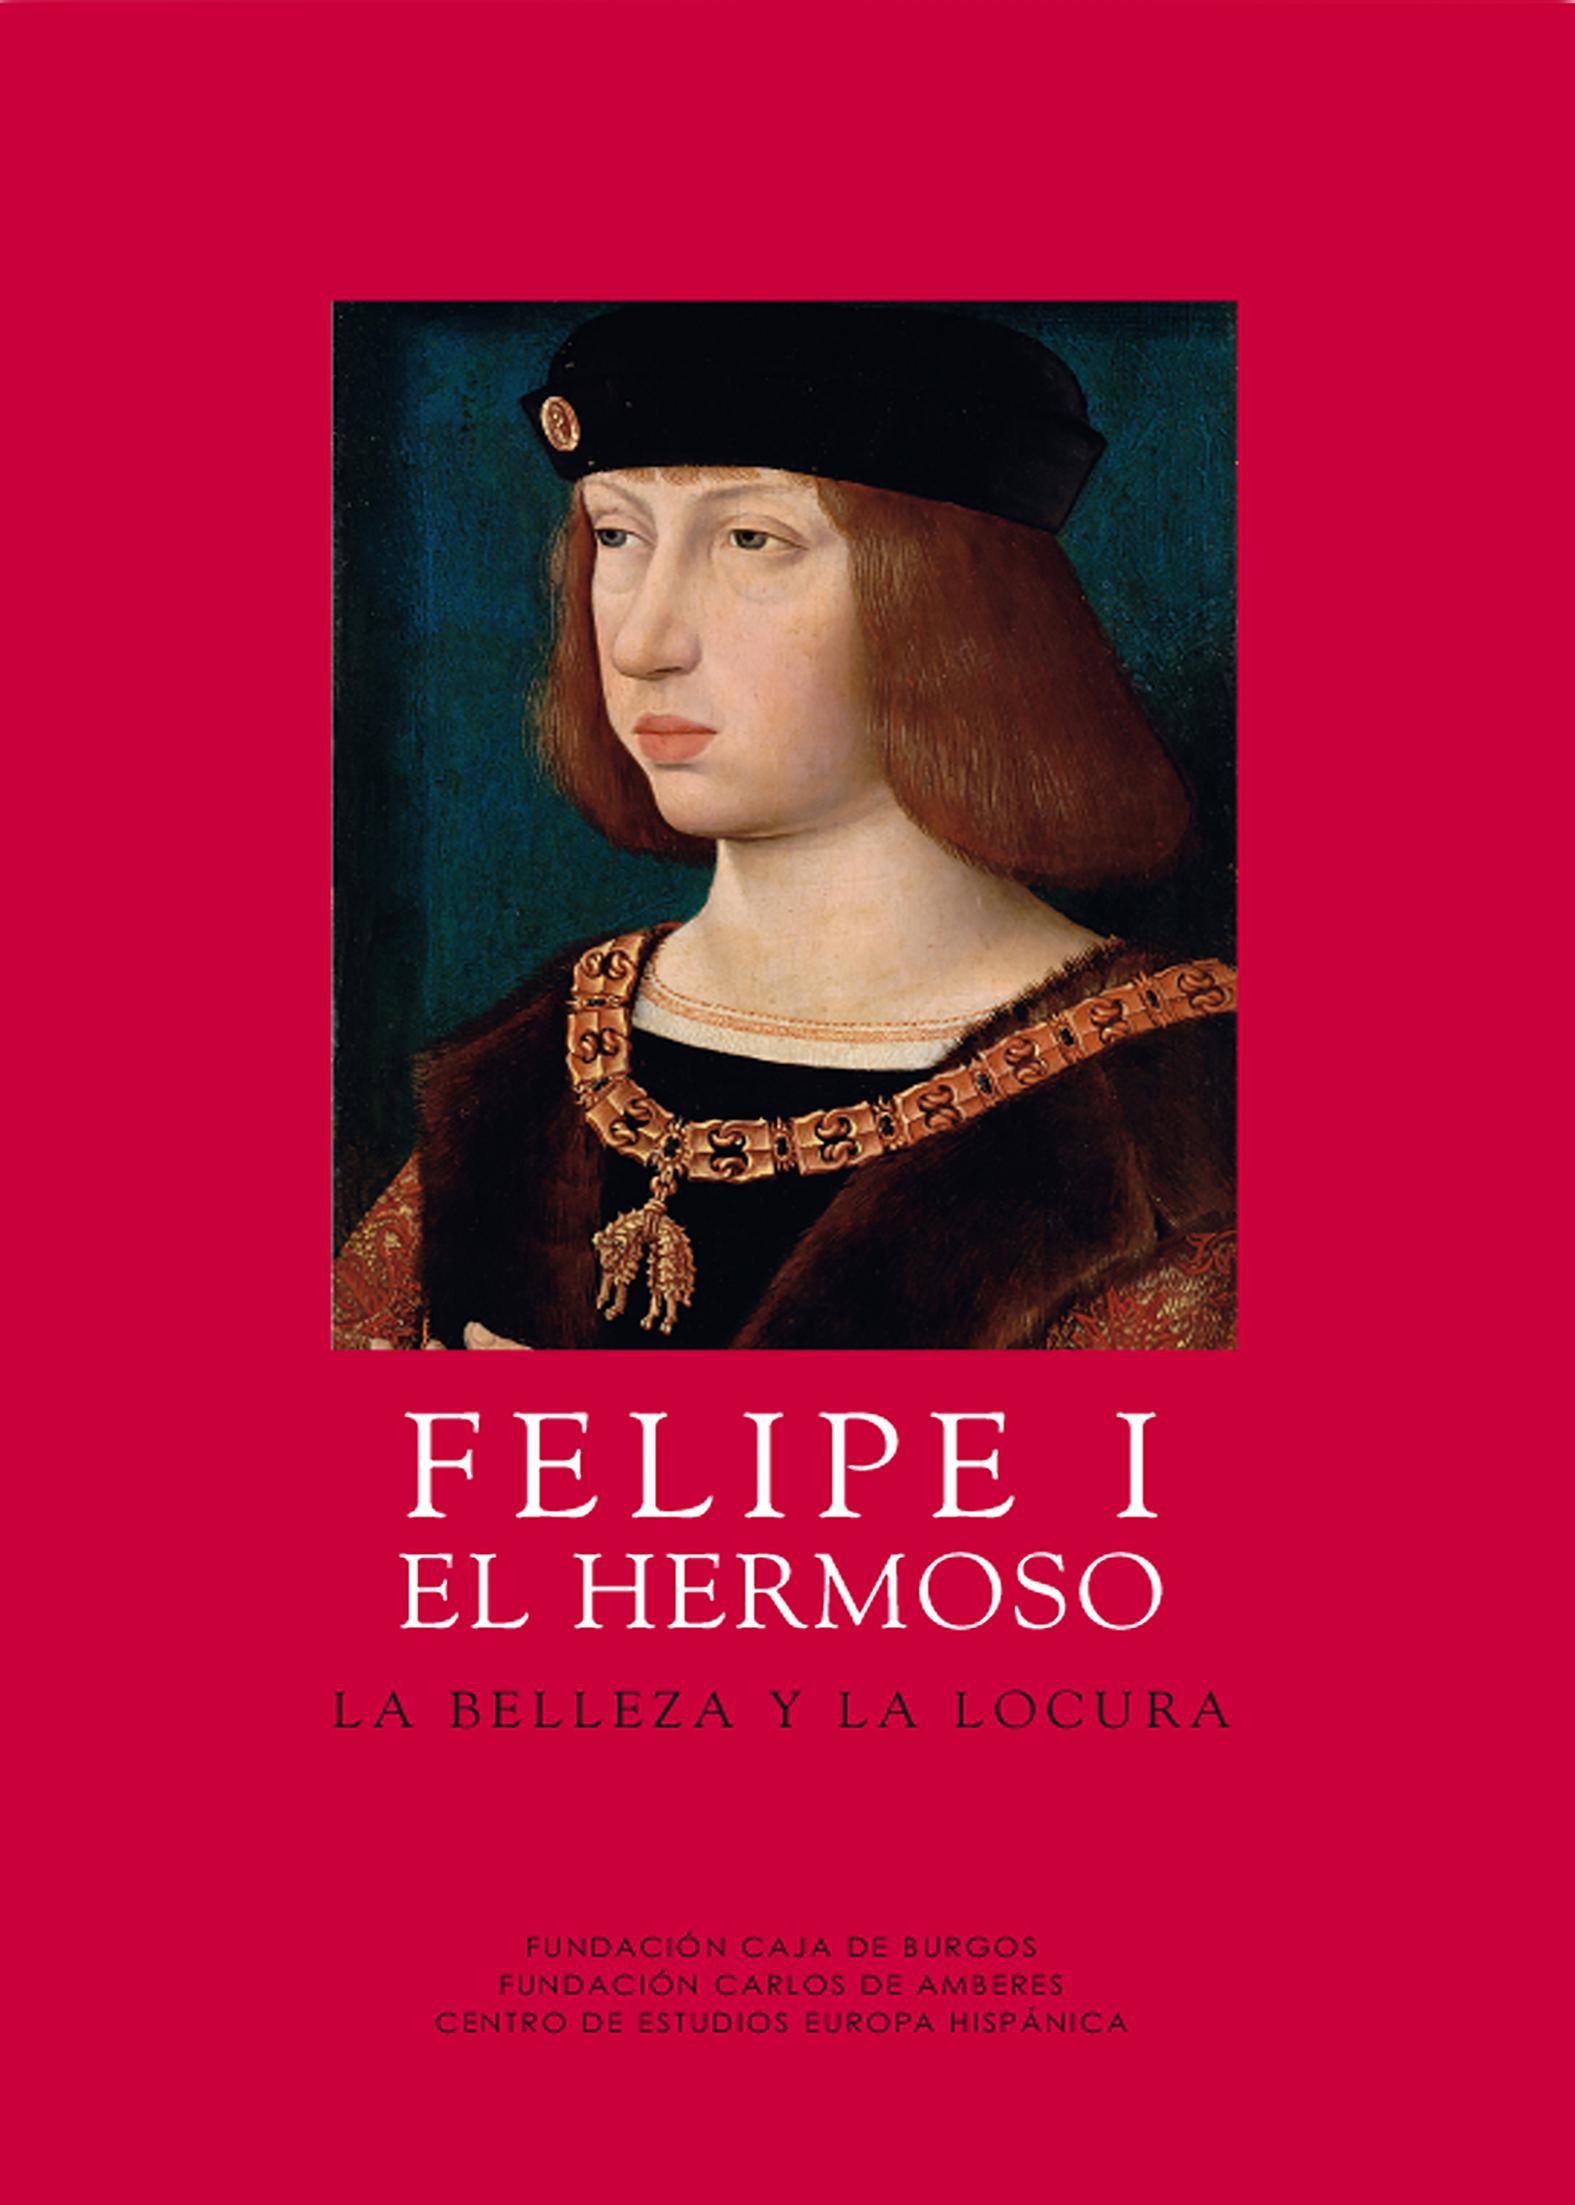 Felipe I el Hermoso. La belleza y la locura | CEEH